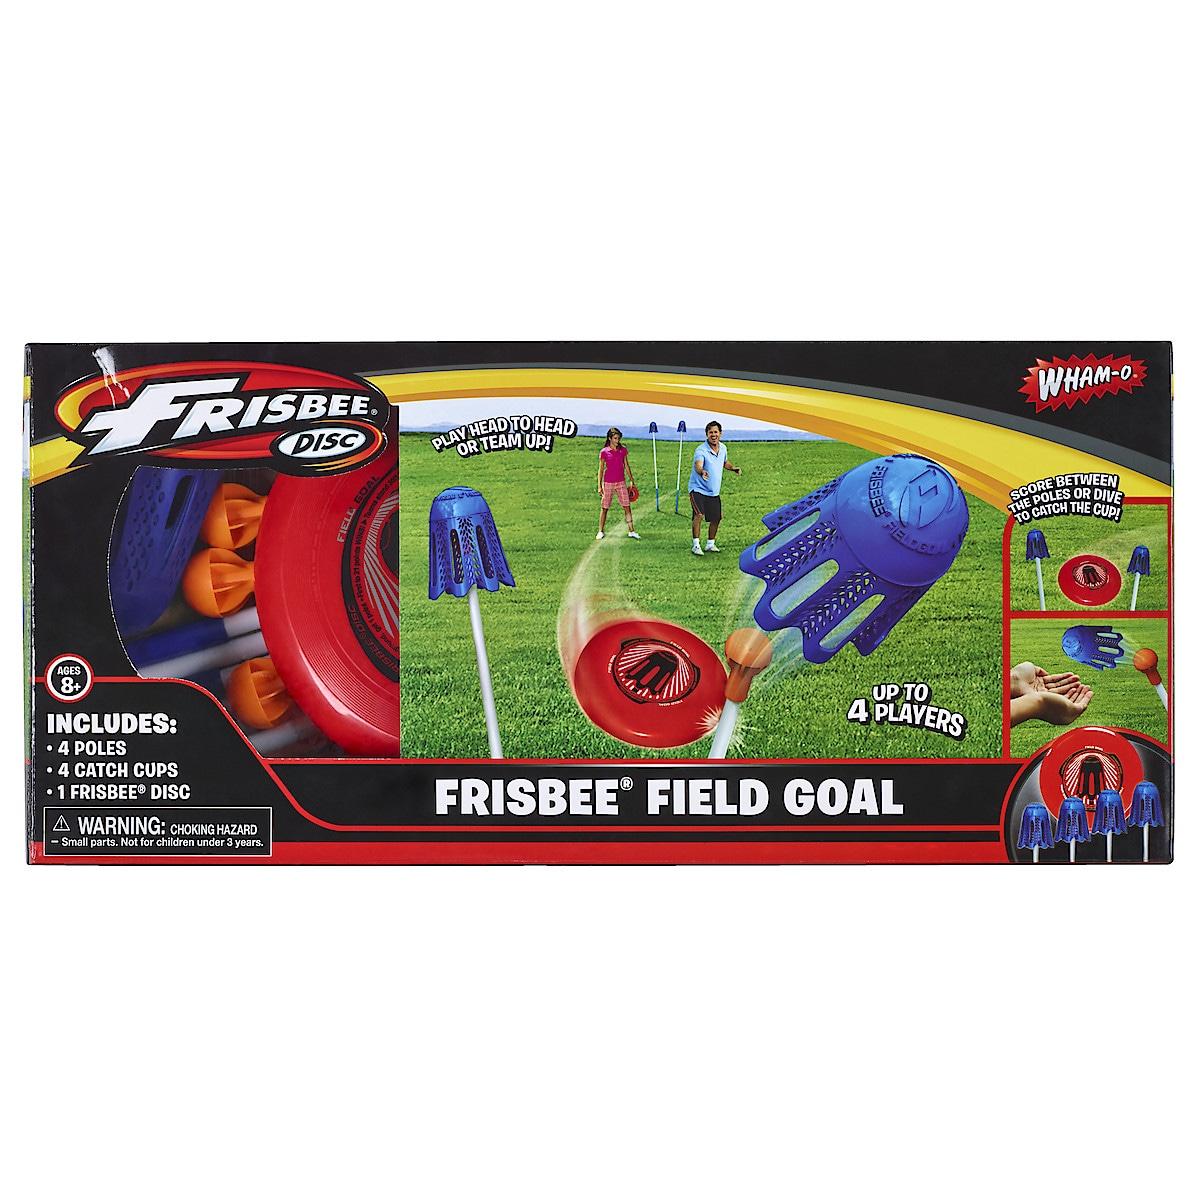 Frisbee Field Goal Wham-O